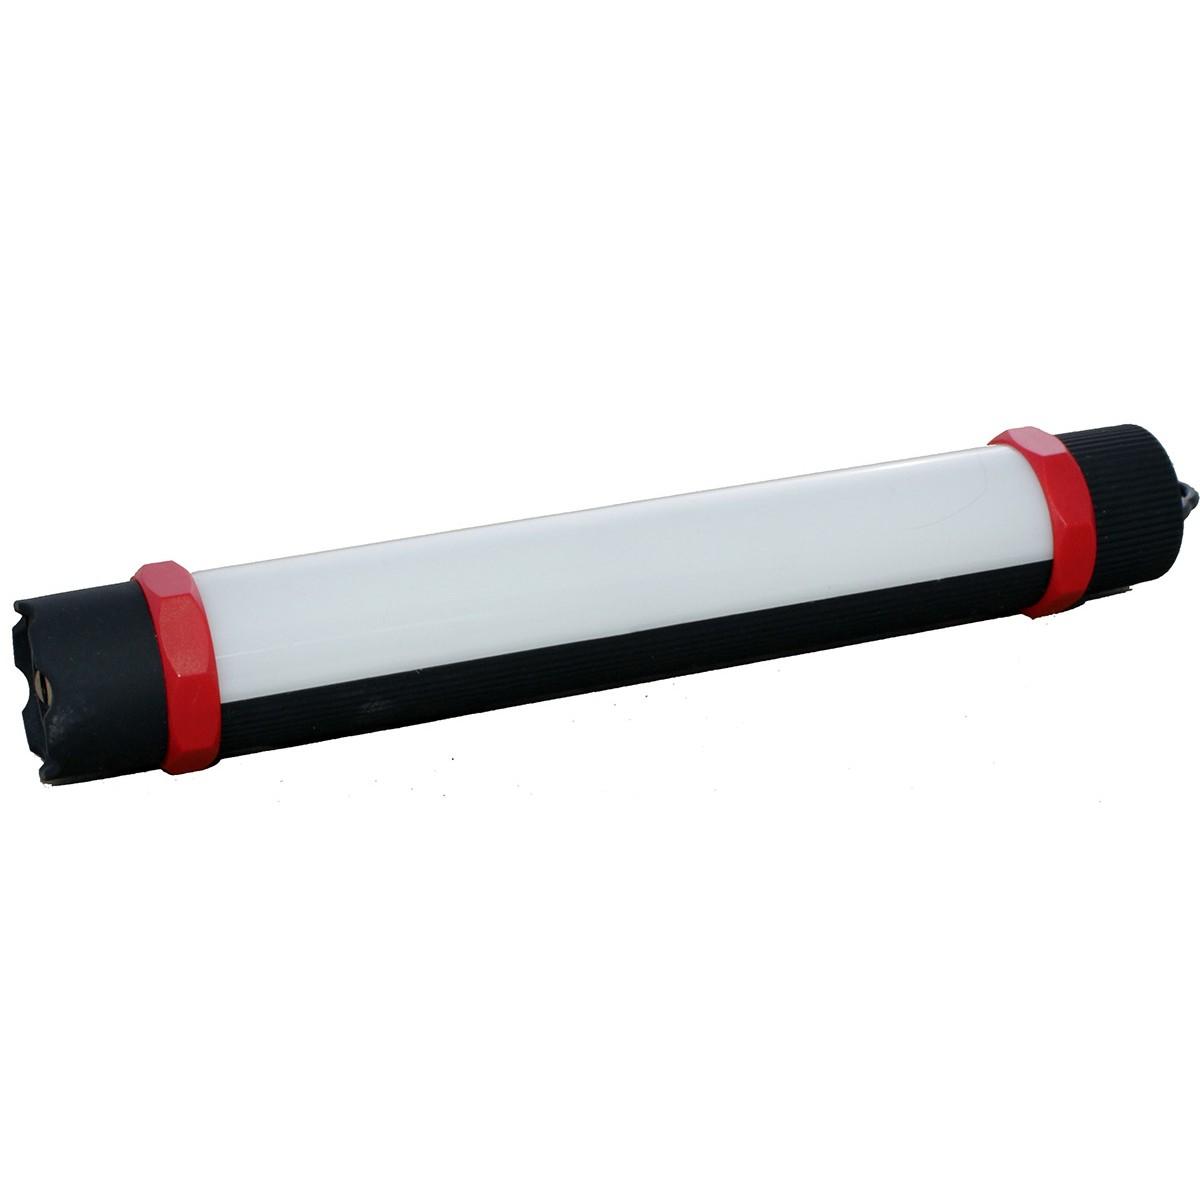 Фенер със светещ панел 17 LED диода